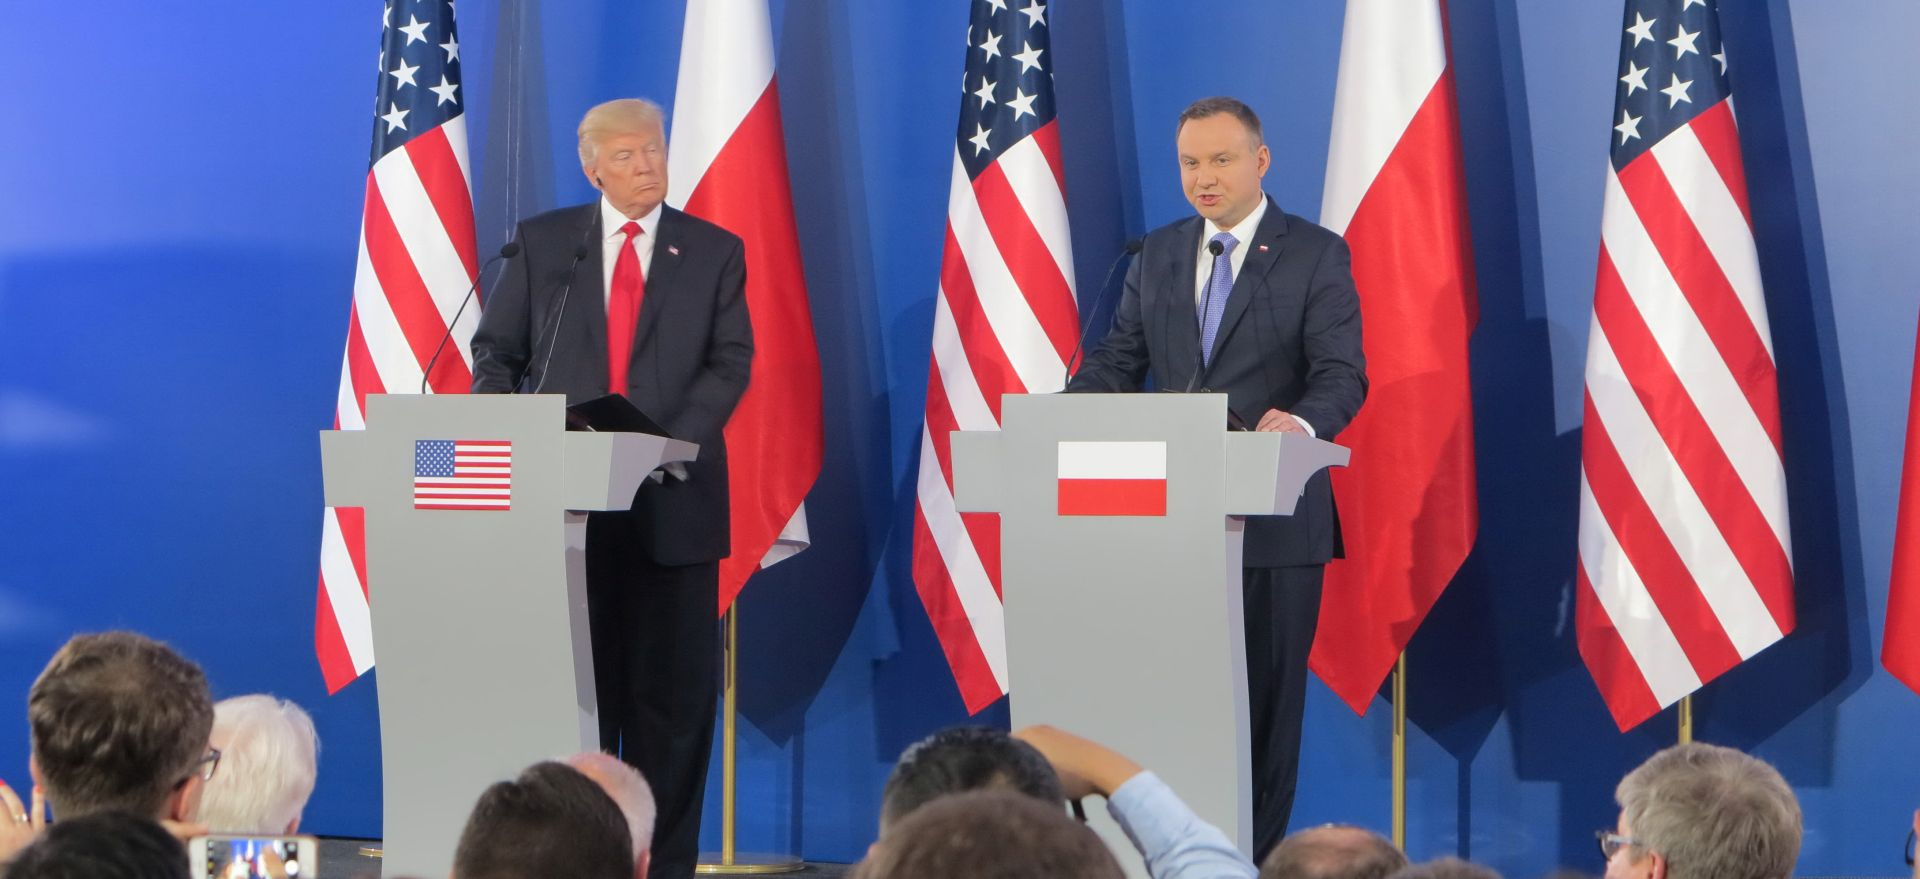 Trump podržava Inicijativu triju mora i početak projekta LNG terminala na Krku